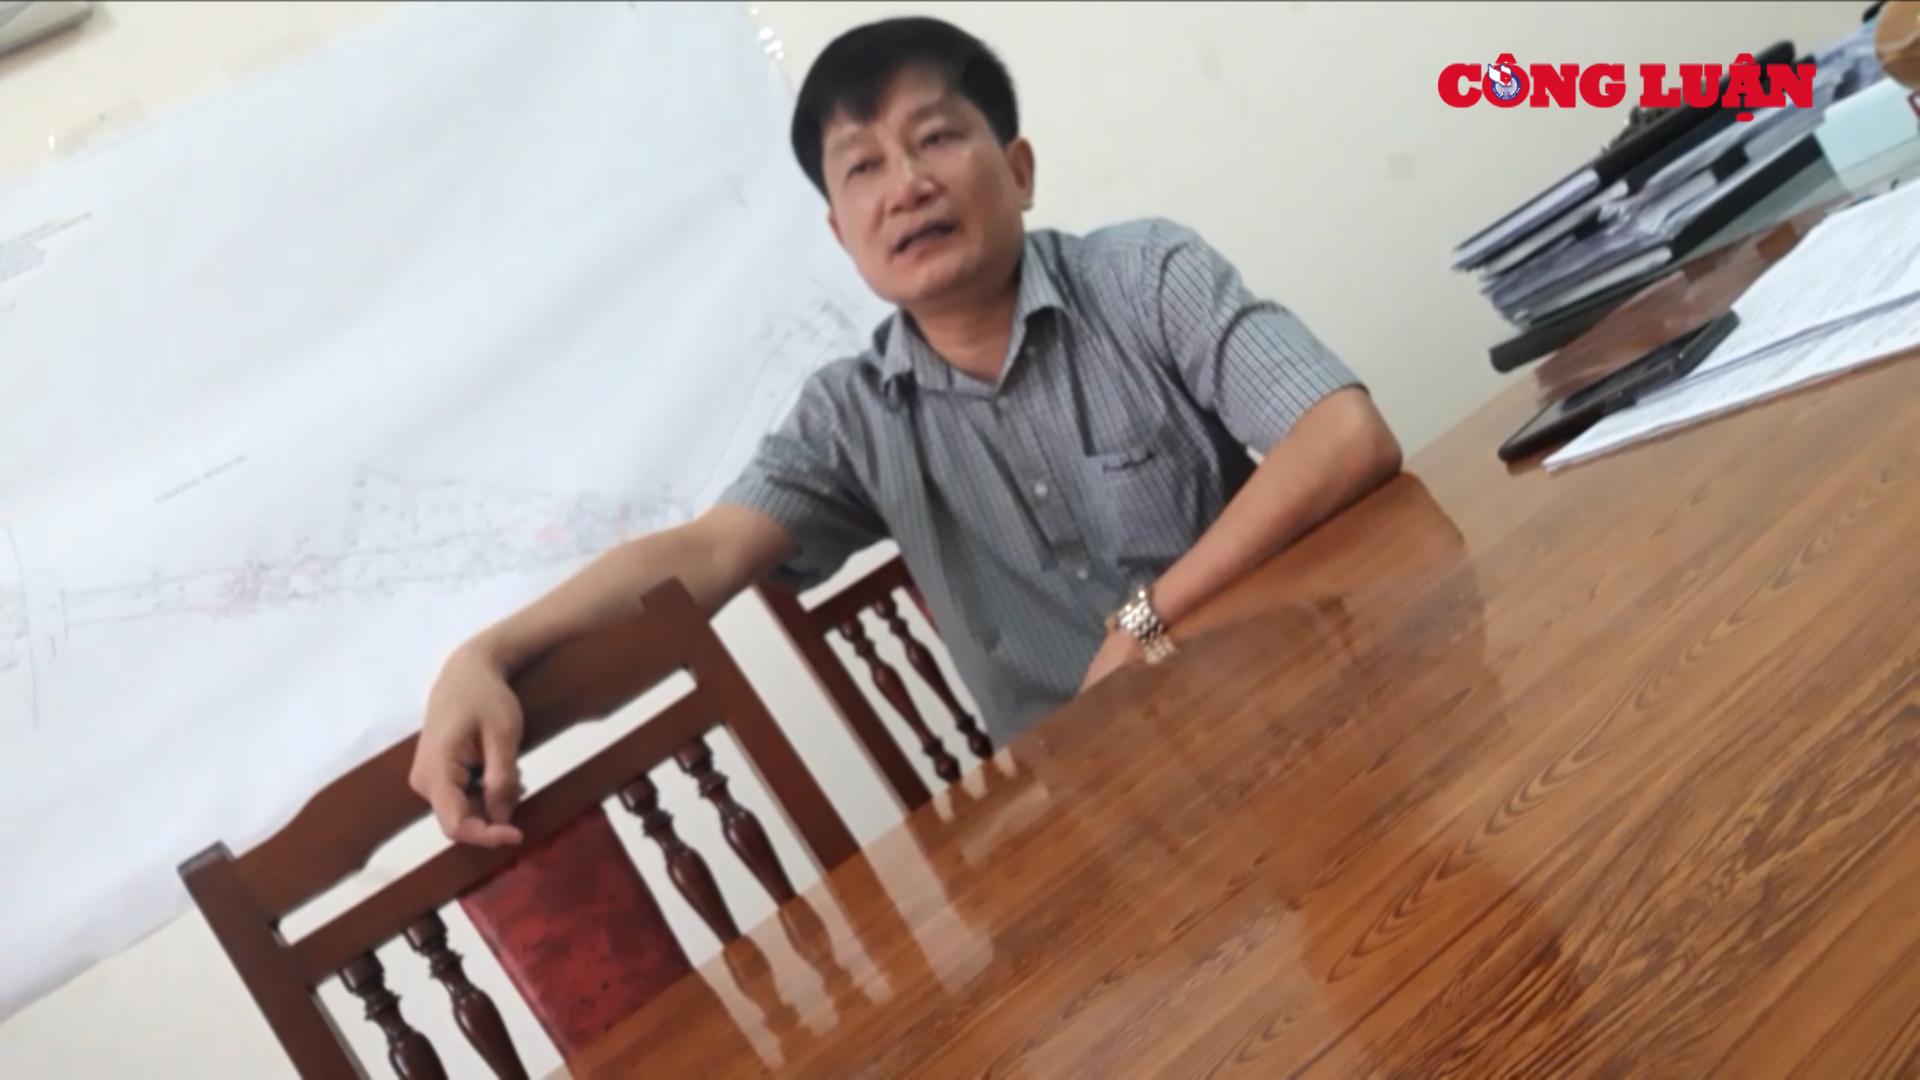 Phú Thọ: Công ty CP Đầu tư BĐS Toàn Cầu phá lúa non, thi công trên diện tích chưa được đền bù